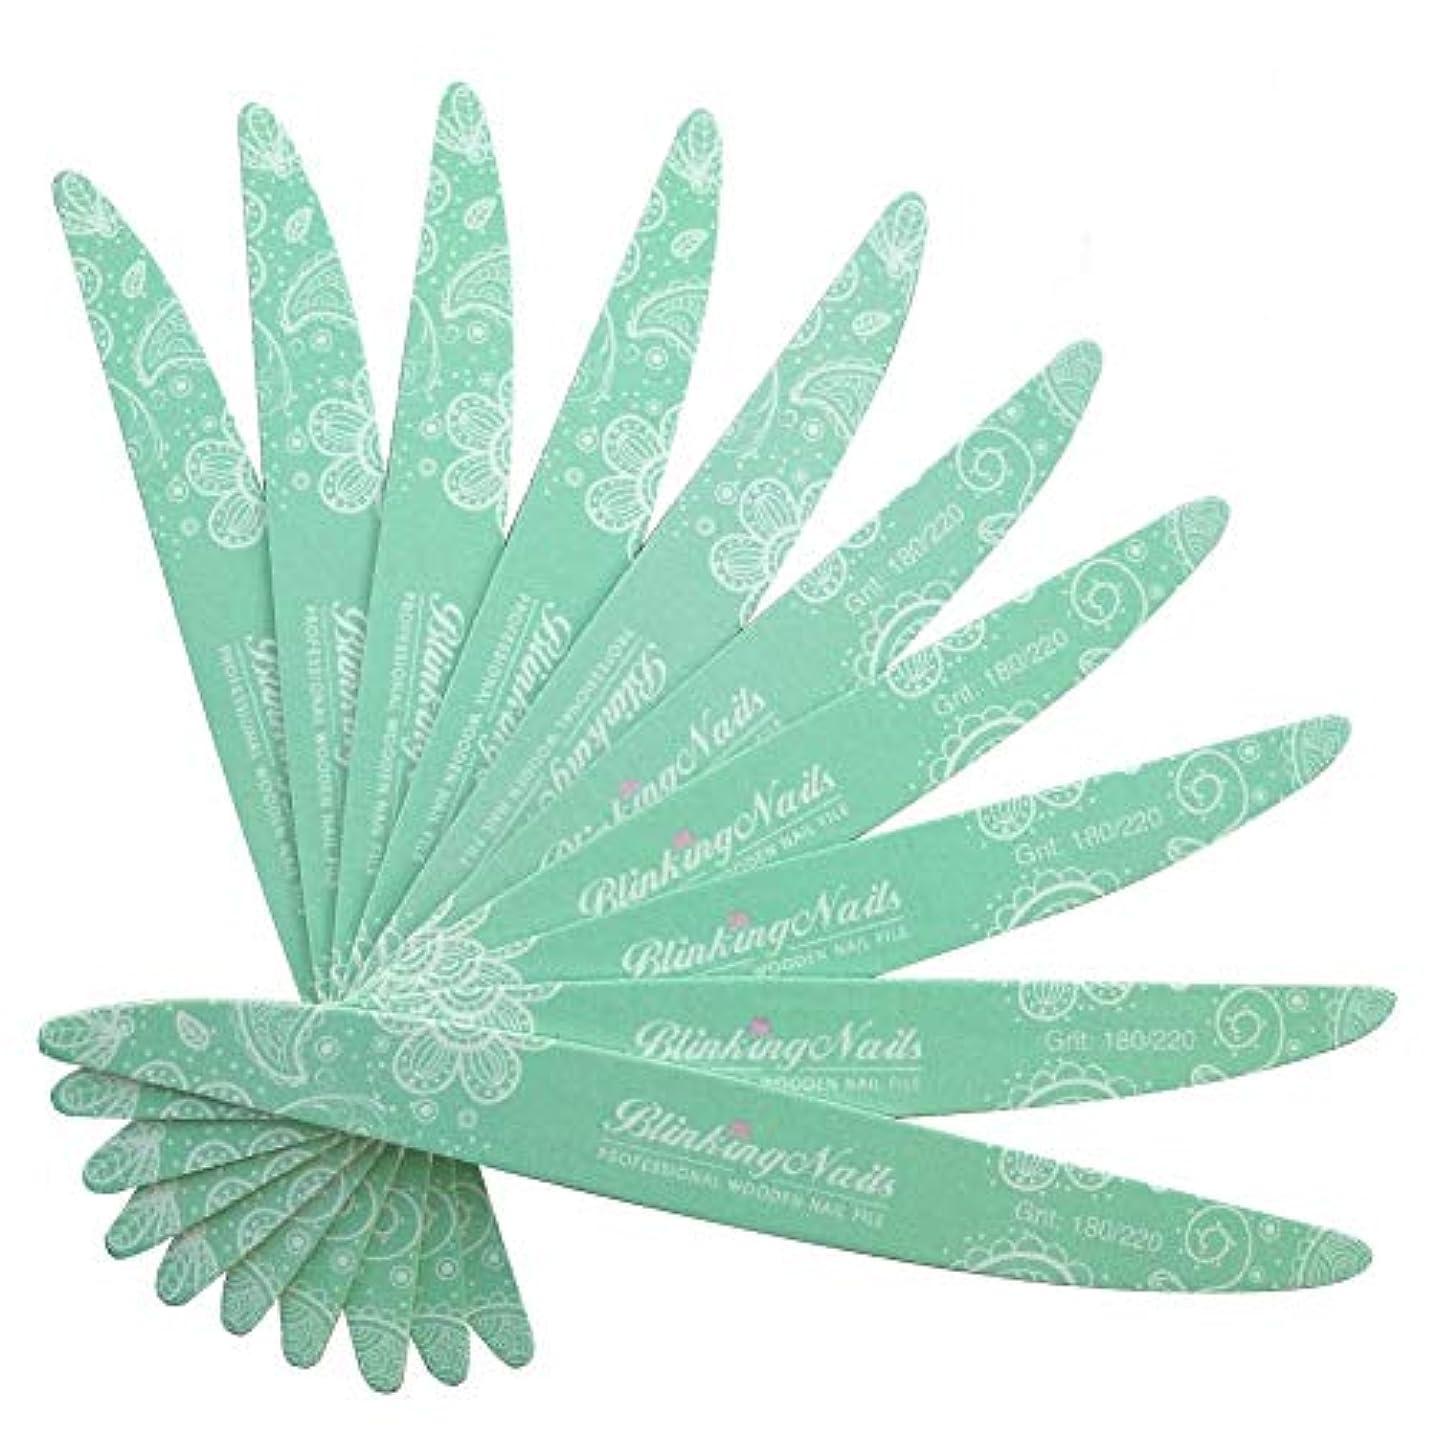 広告するマーチャンダイジング最もネイルファイル 洗濯可プロネイルやすり 研磨ツール 爪やすり 木製 ケアツール 両面タイプのエメリーボード 10枚入 180/220砂 緑の柳葉形 グリーン 携帯便利